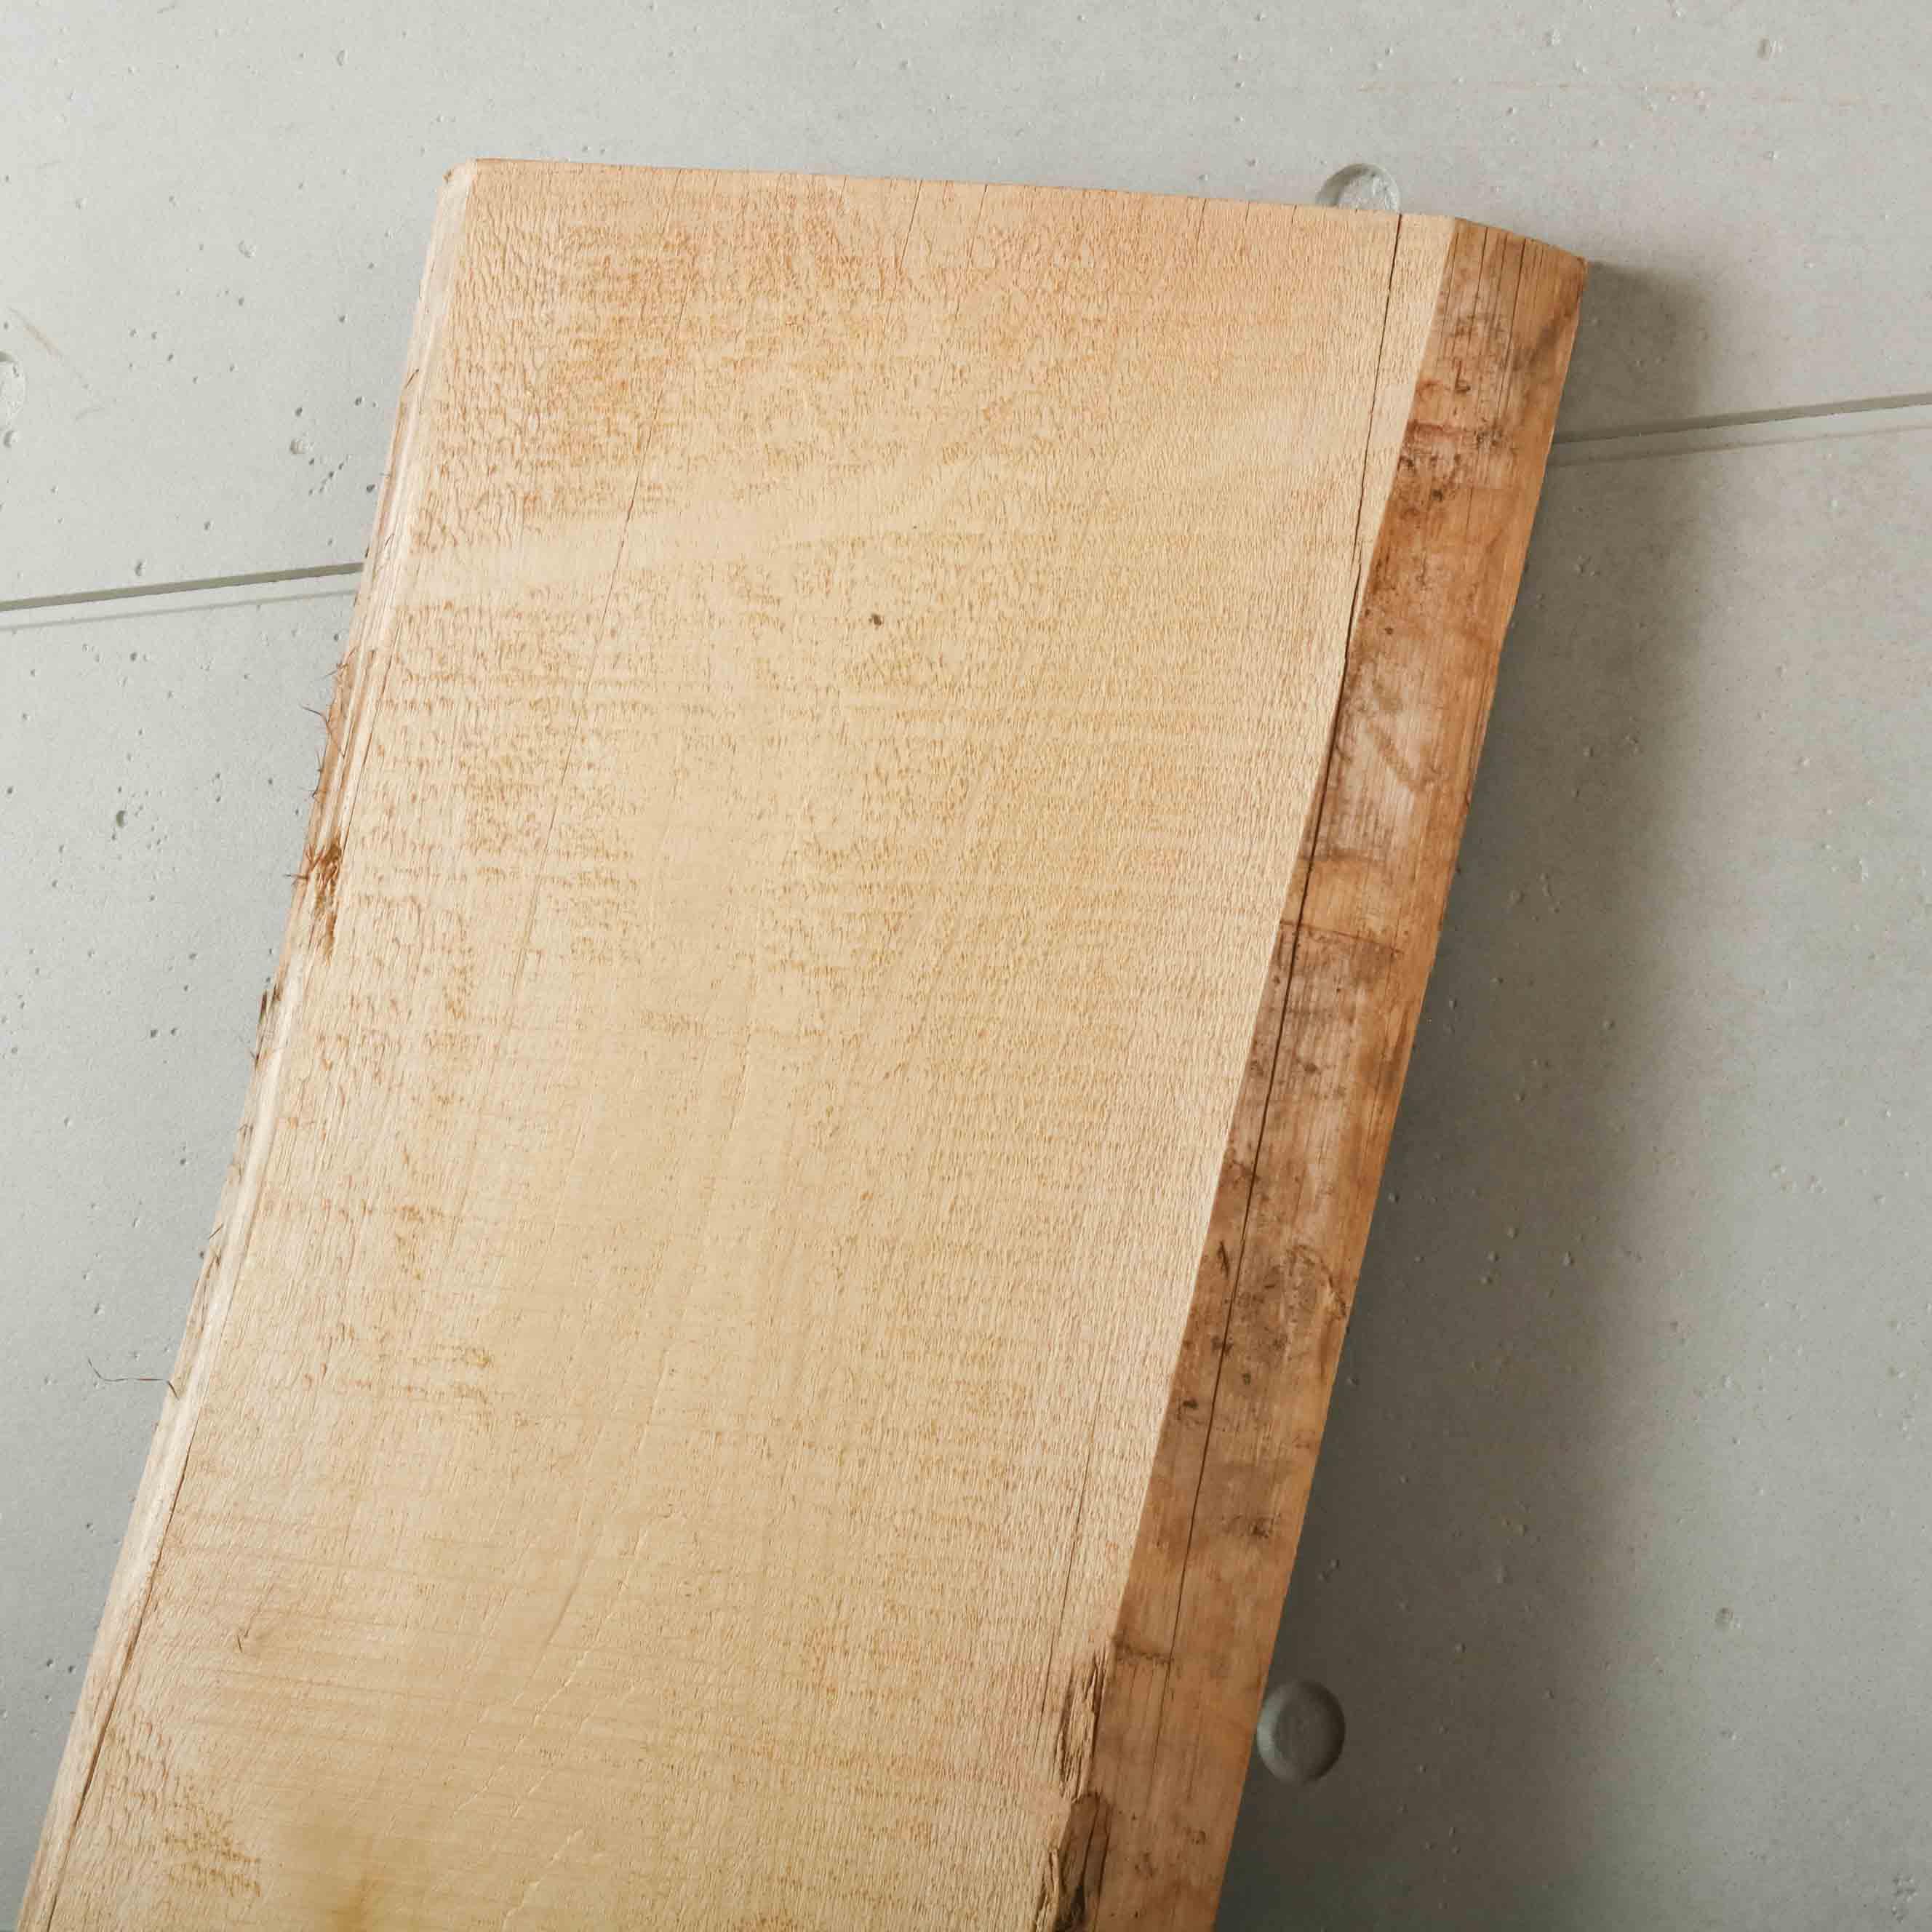 16-003 檜葉 (ヒバ) 一枚板 有限会社村口産業(下北郡)